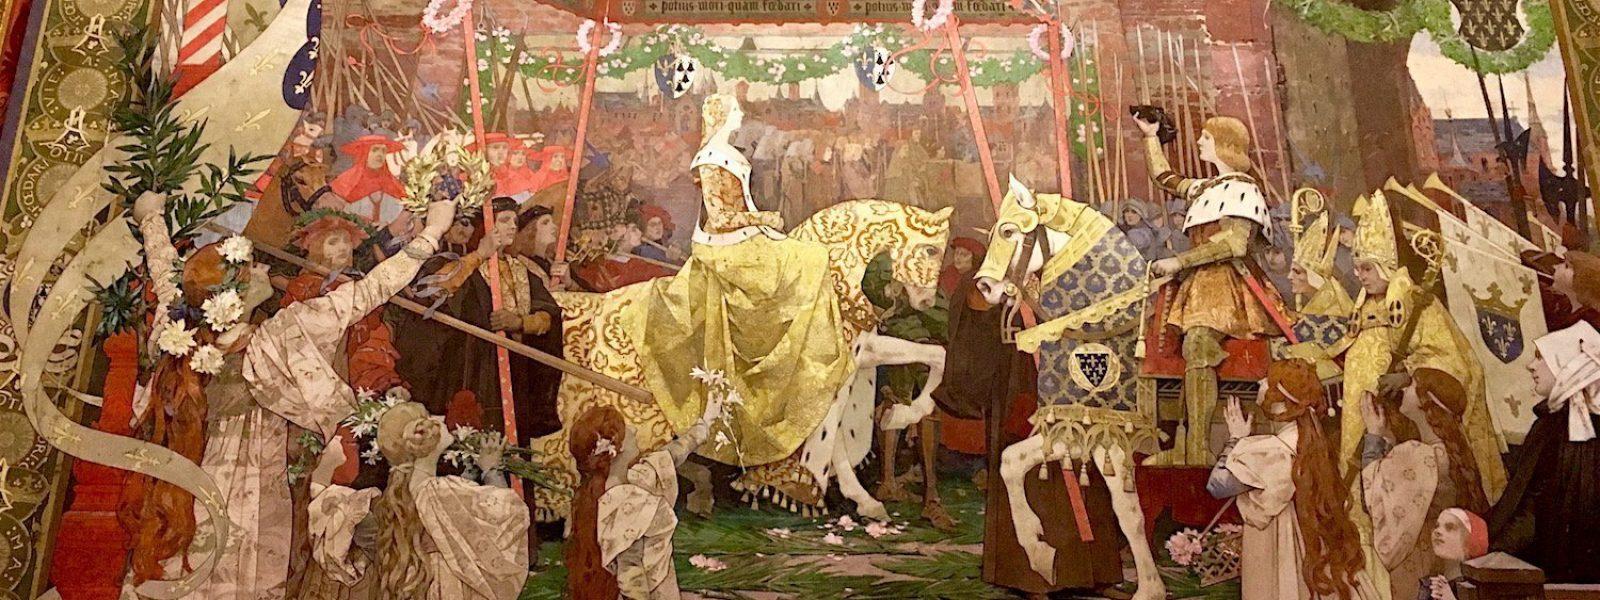 Le carton du mariage d'Anne de Bretagne de retour au Parlement